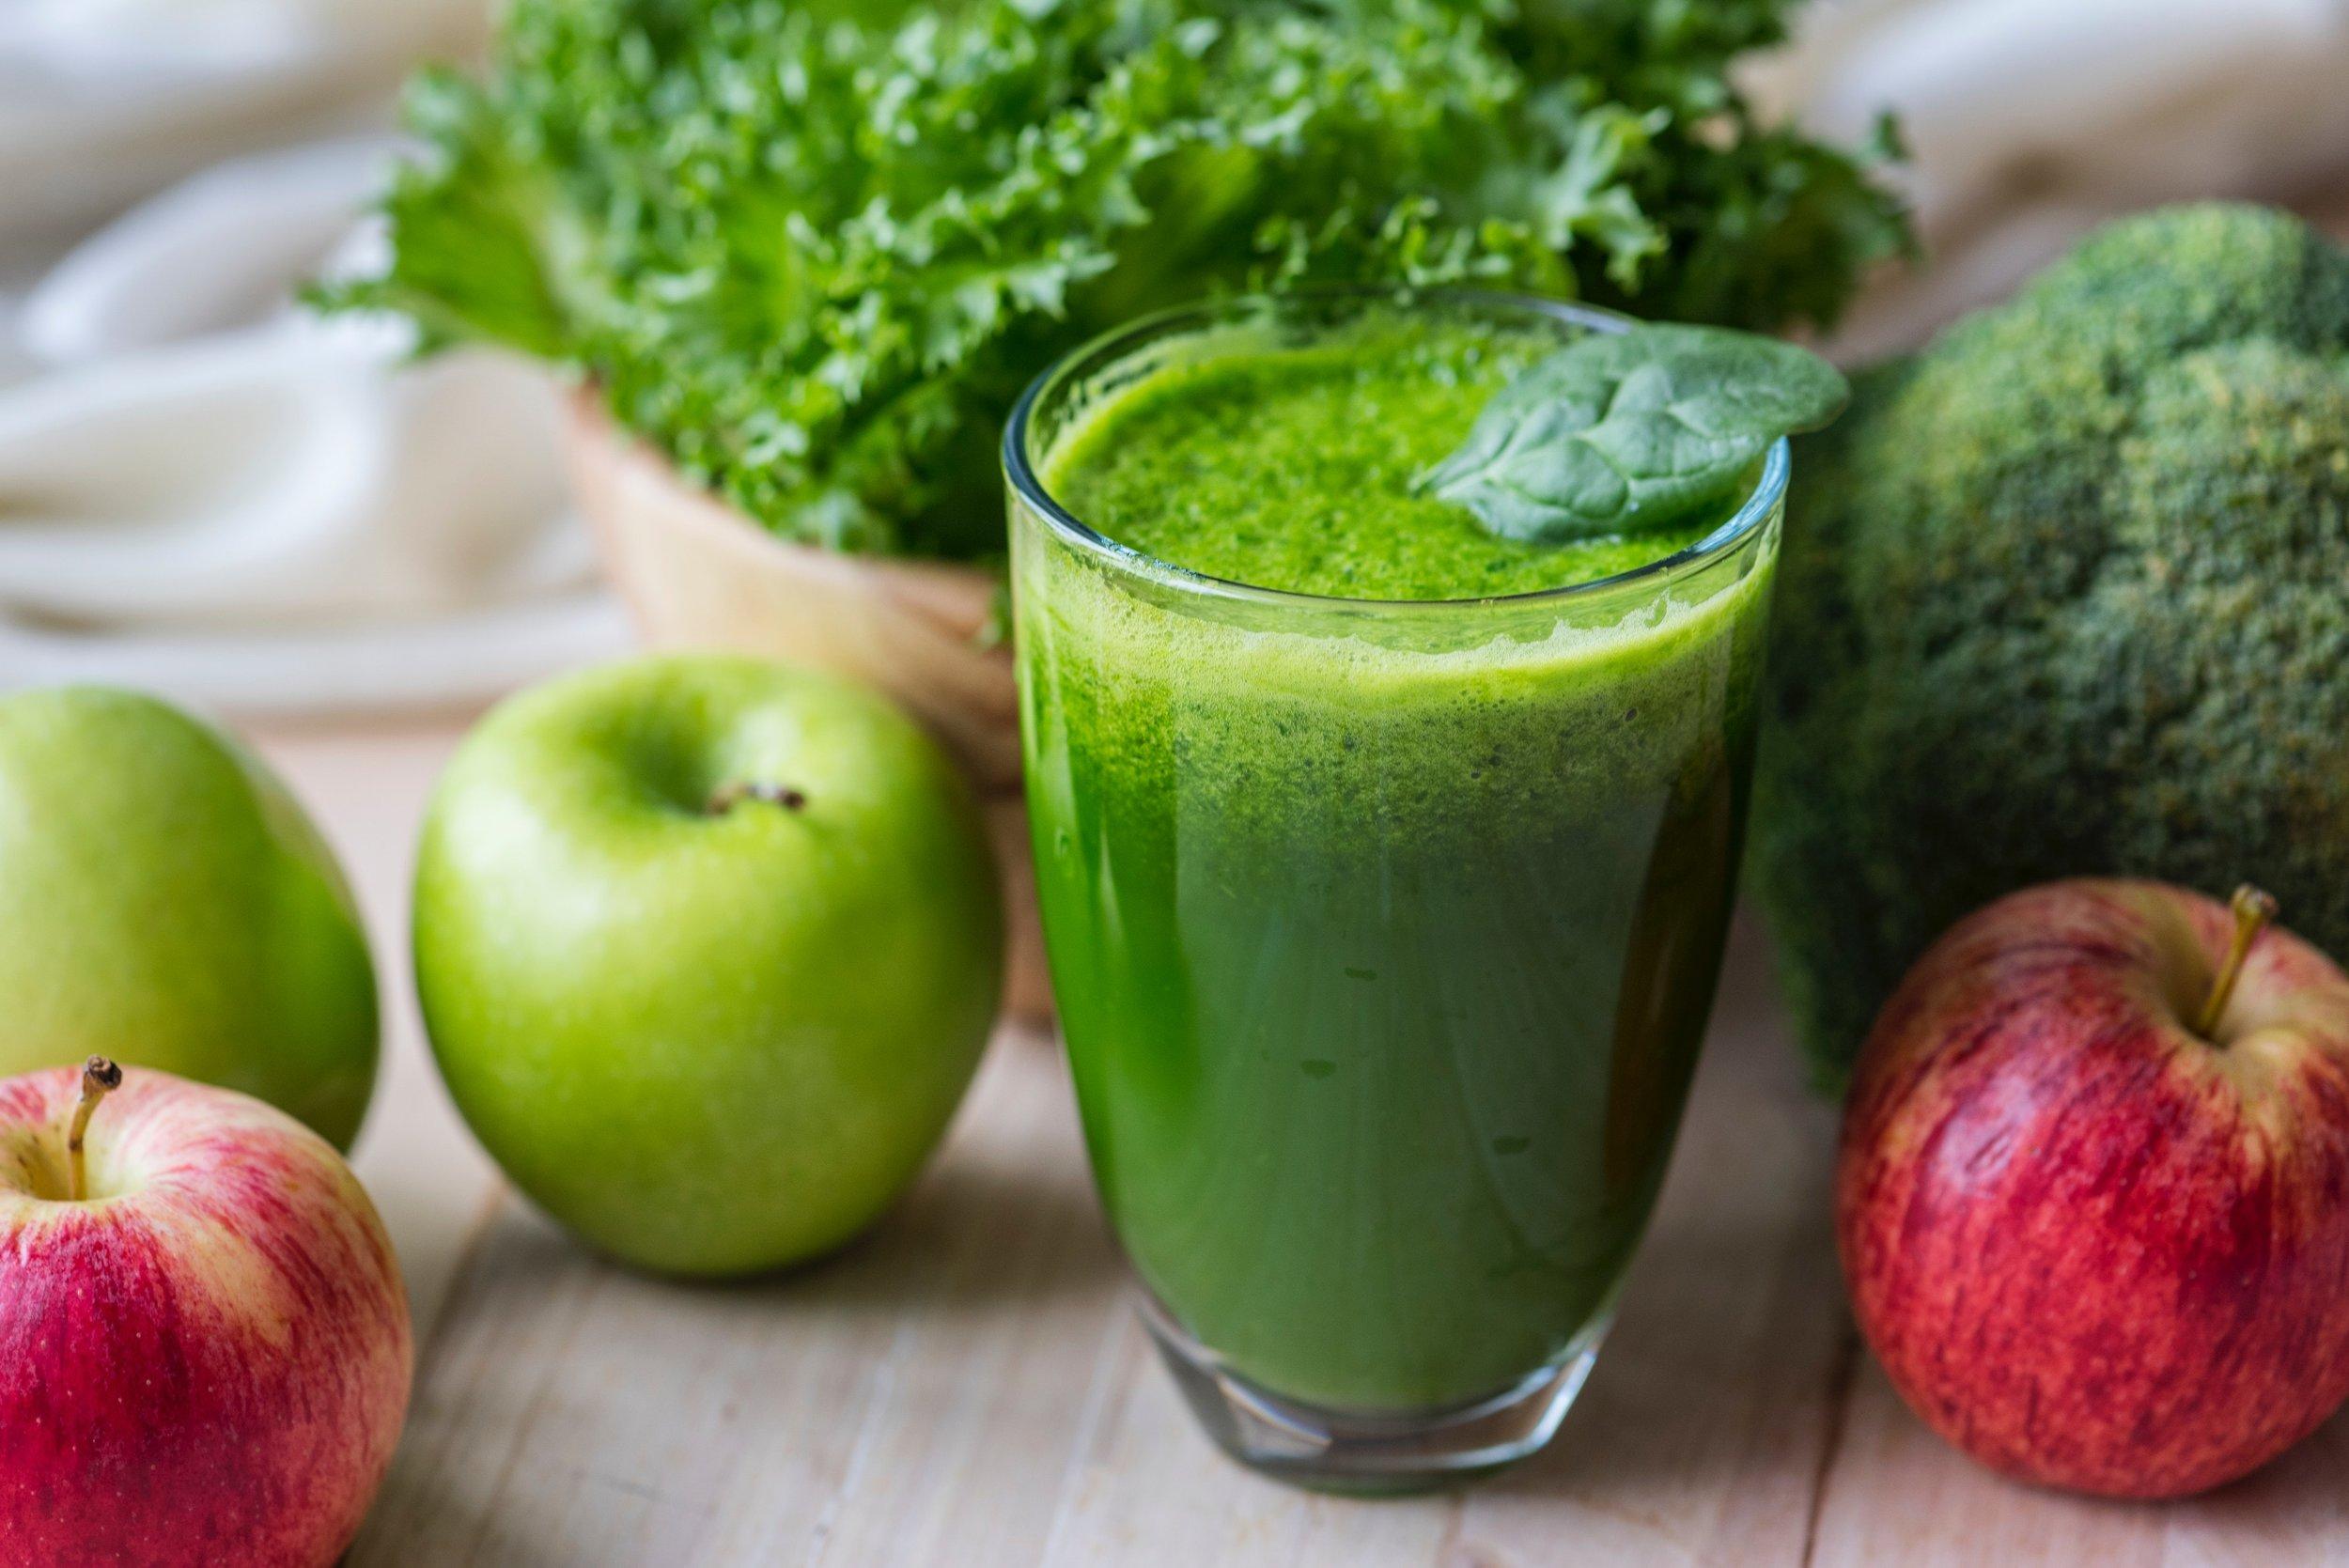 diet-fresh-green-detox-1171552.jpg